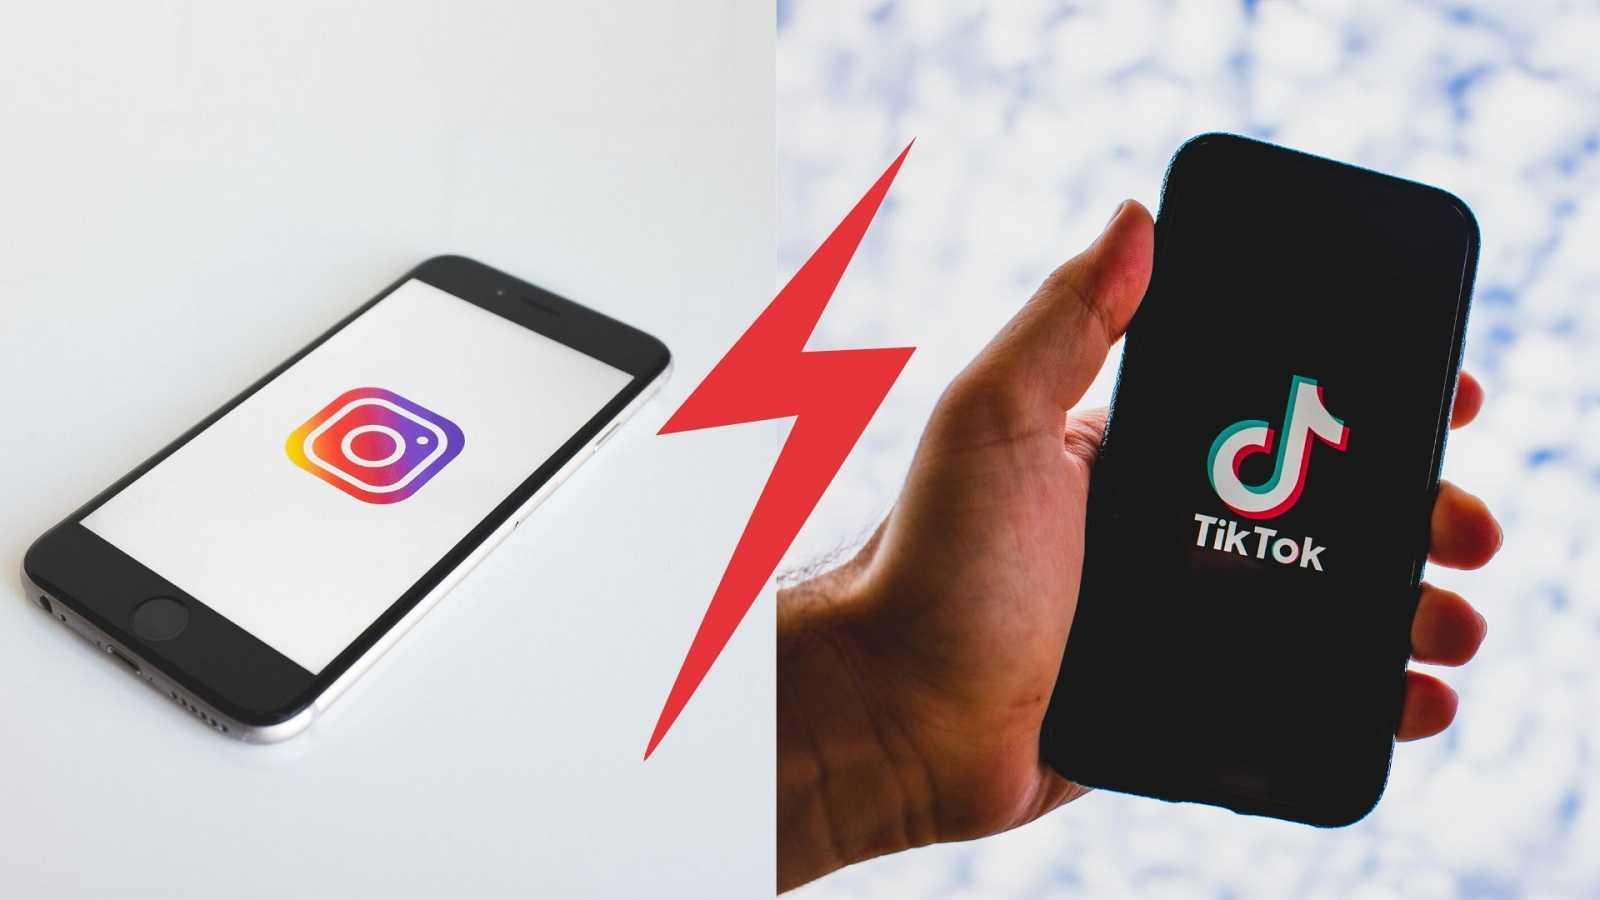 Facebook ha creado el rival de TikTok para hacerle la competencia: Instagram Reels